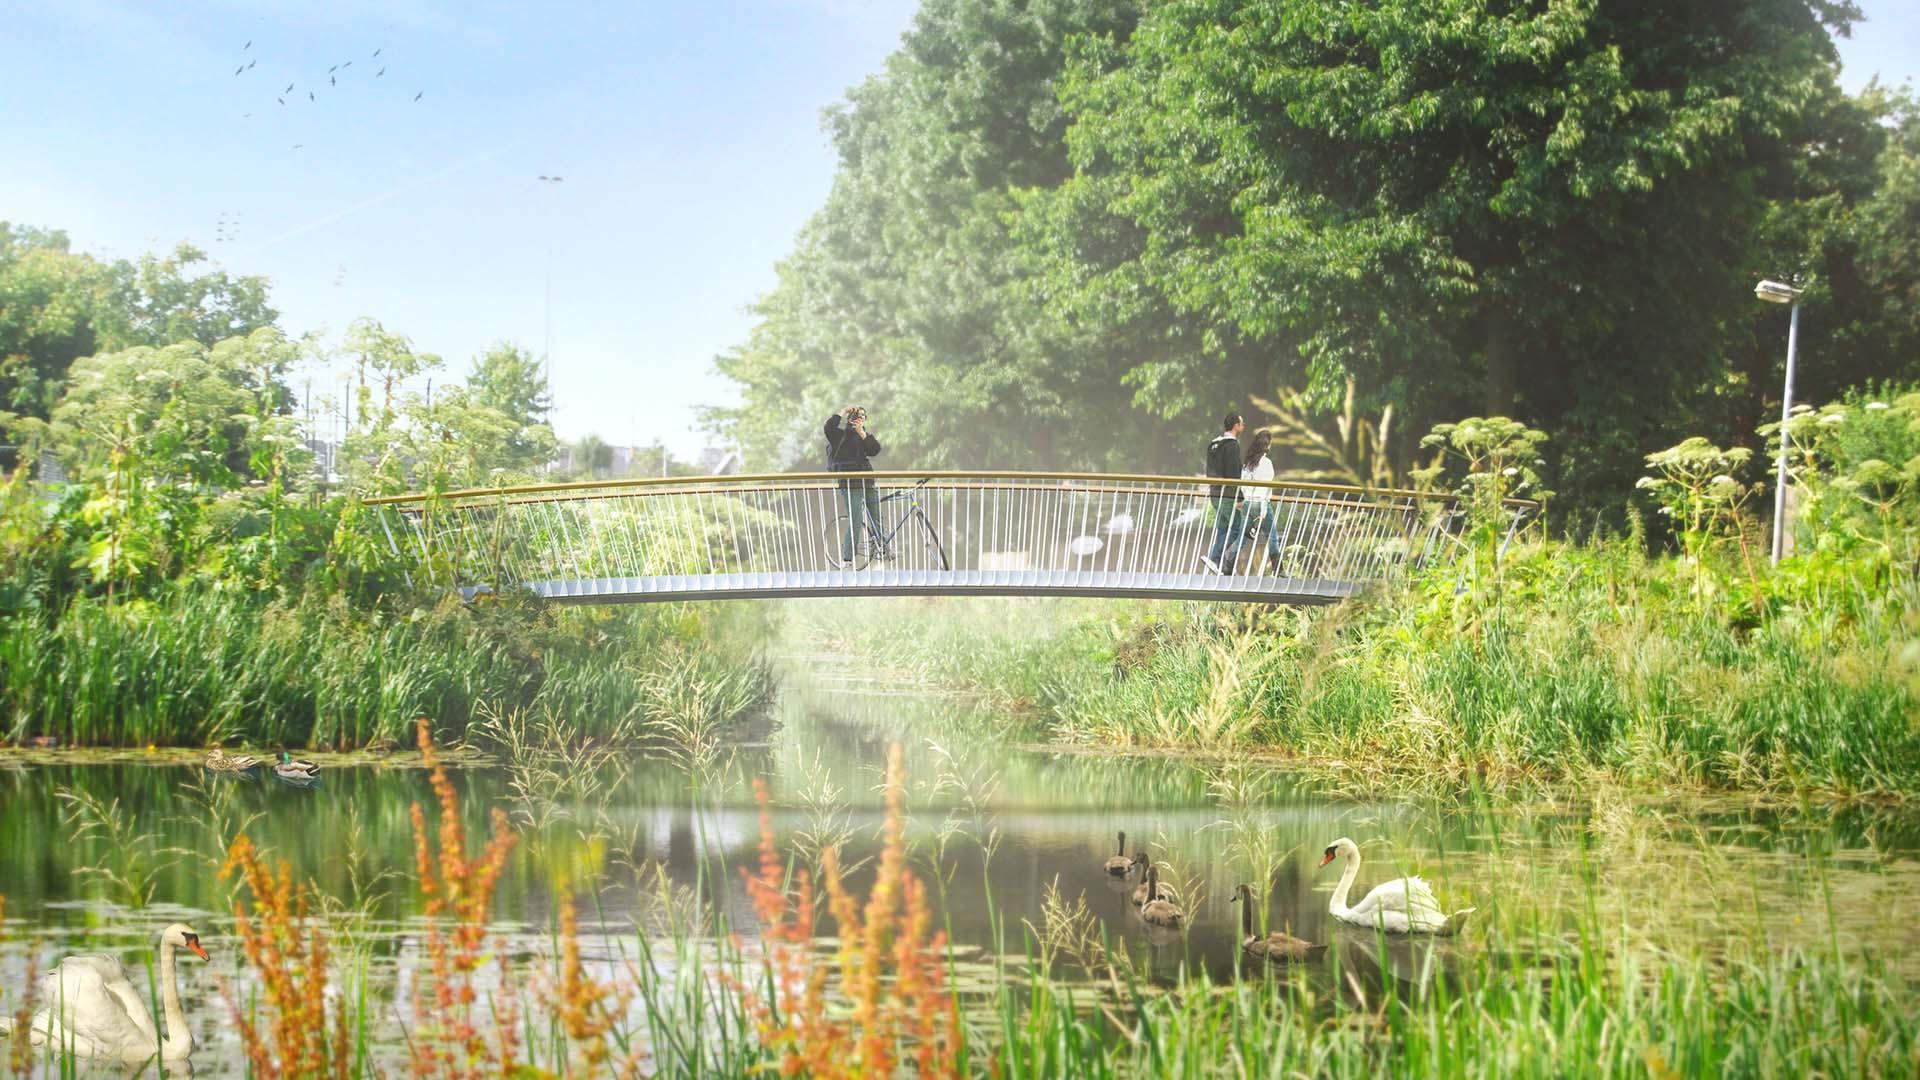 fiets en voetgangersbrug Den Bosch, bruggen in park, brugontwerp door ipv Delft